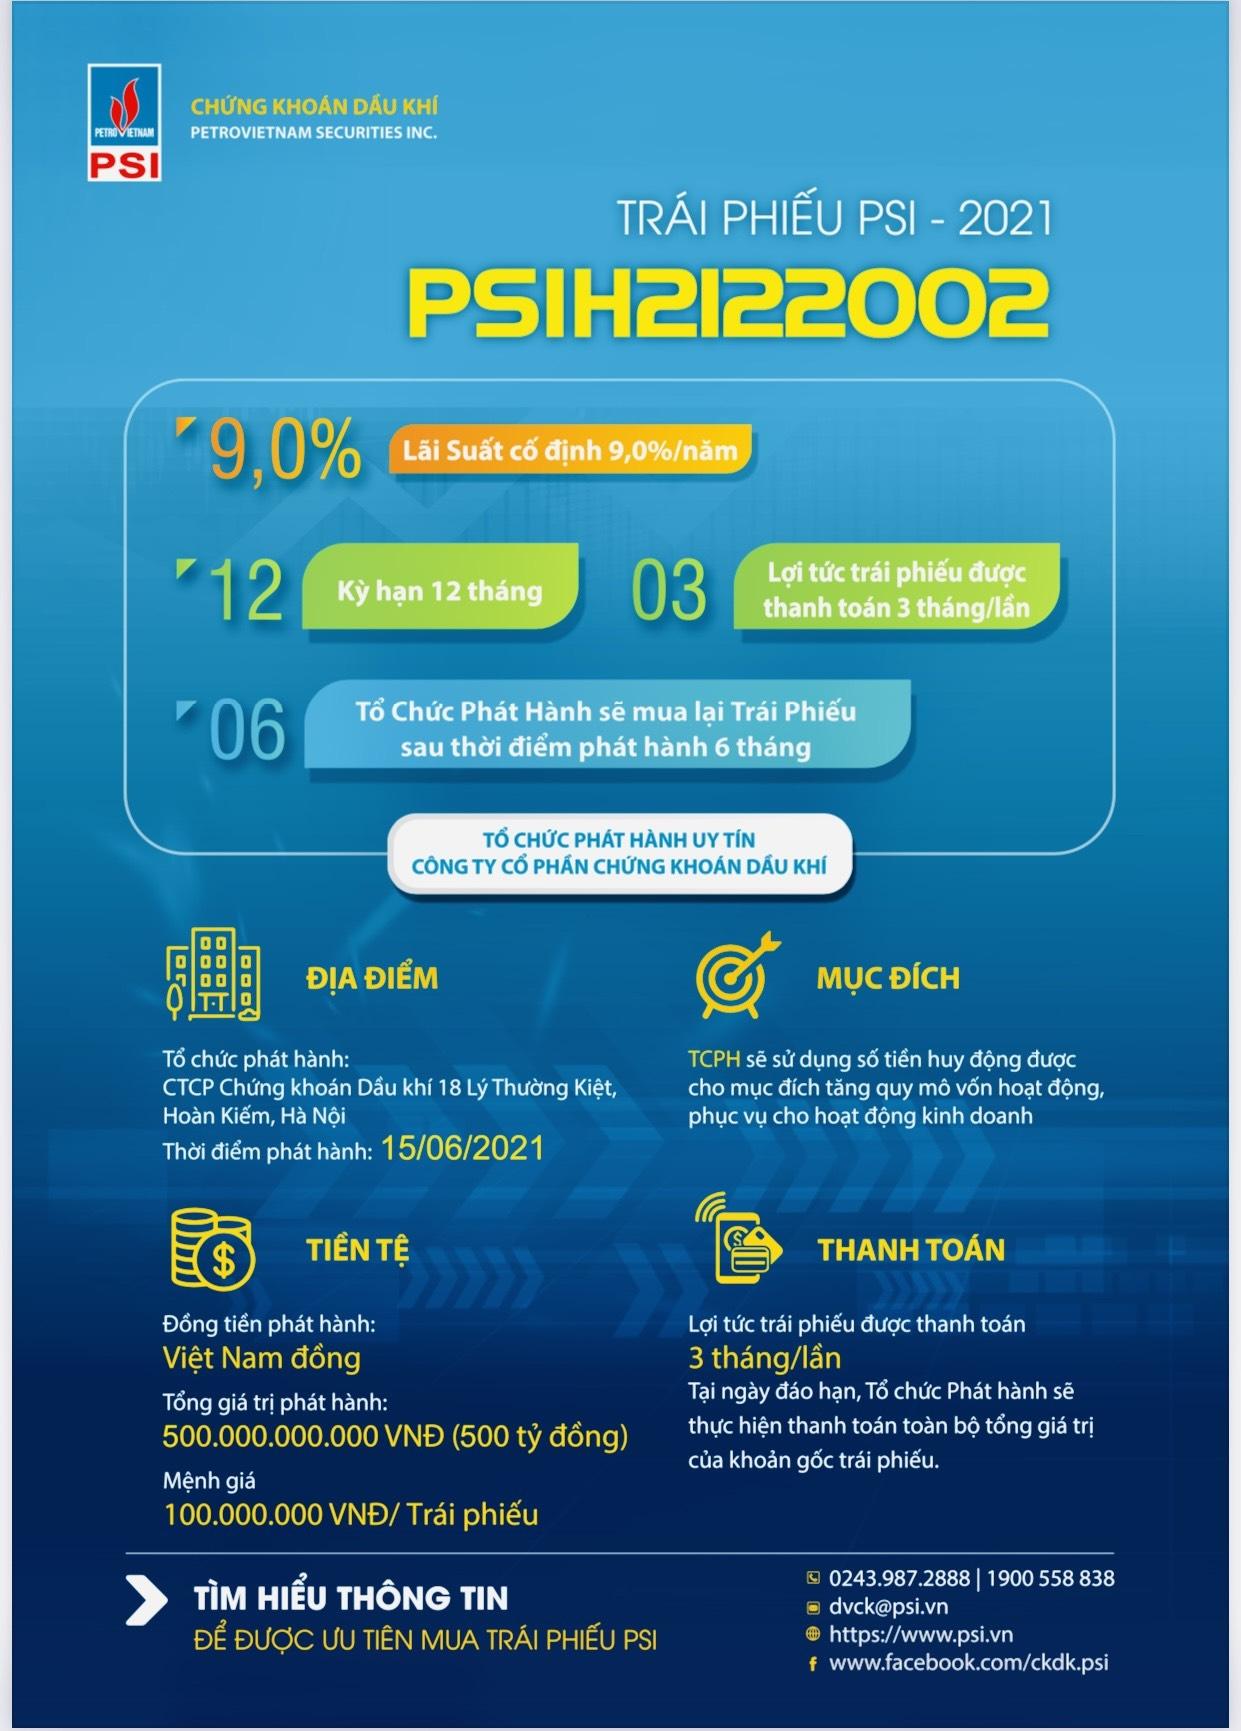 PSI phát hành 500 tỷ trái phiếu đợt 2 năm 2021